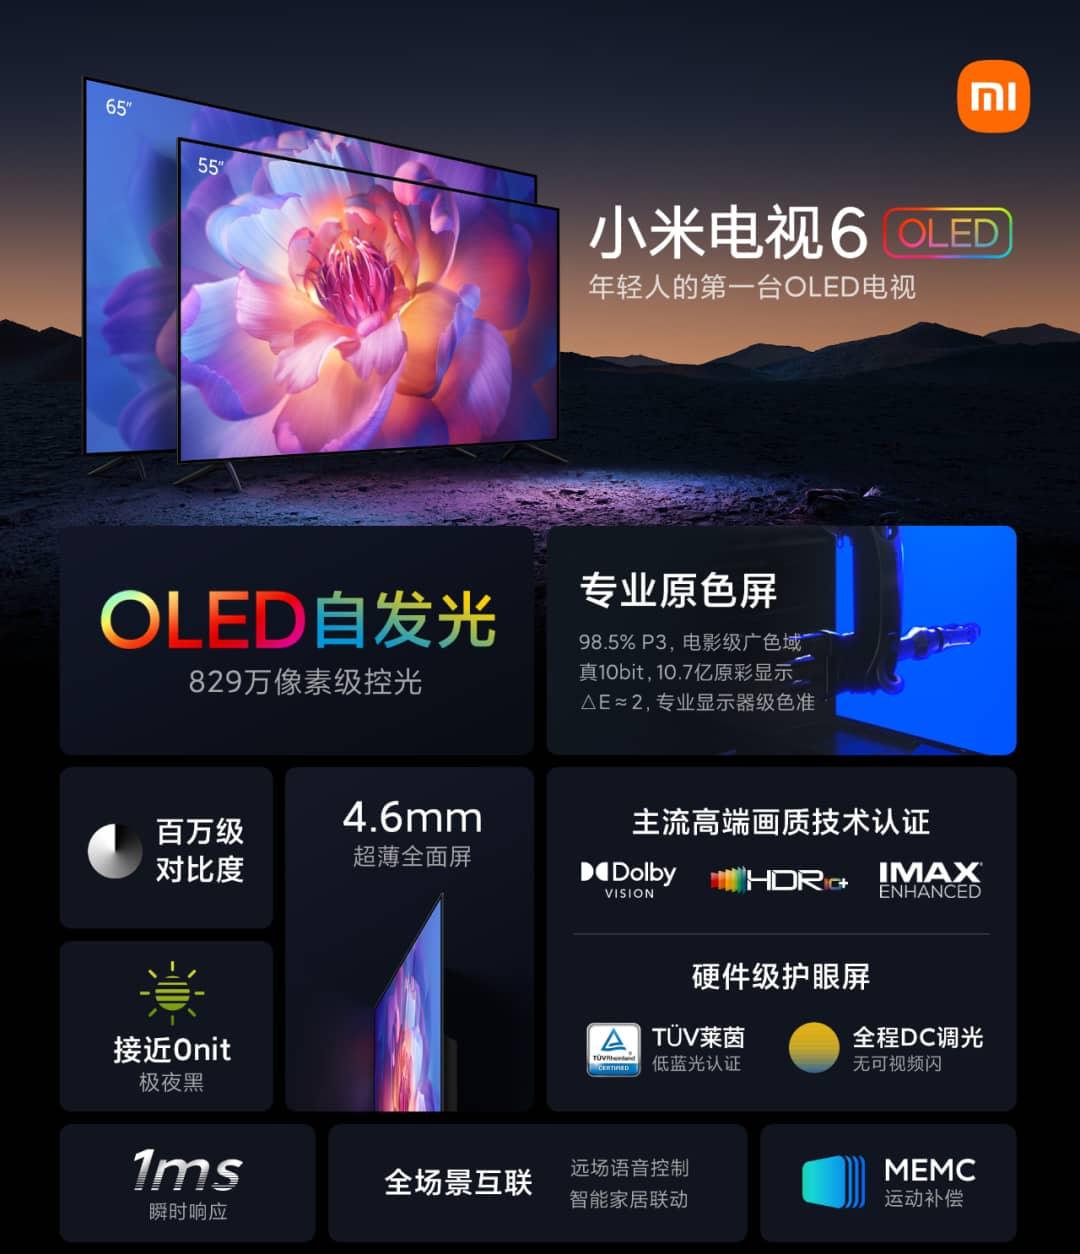 年轻人的第一台OLED电视来了!小米电视6 OLED版发布,售价4999元起-第3张图片-分享者 - 优质精品软件、互联网资源分享